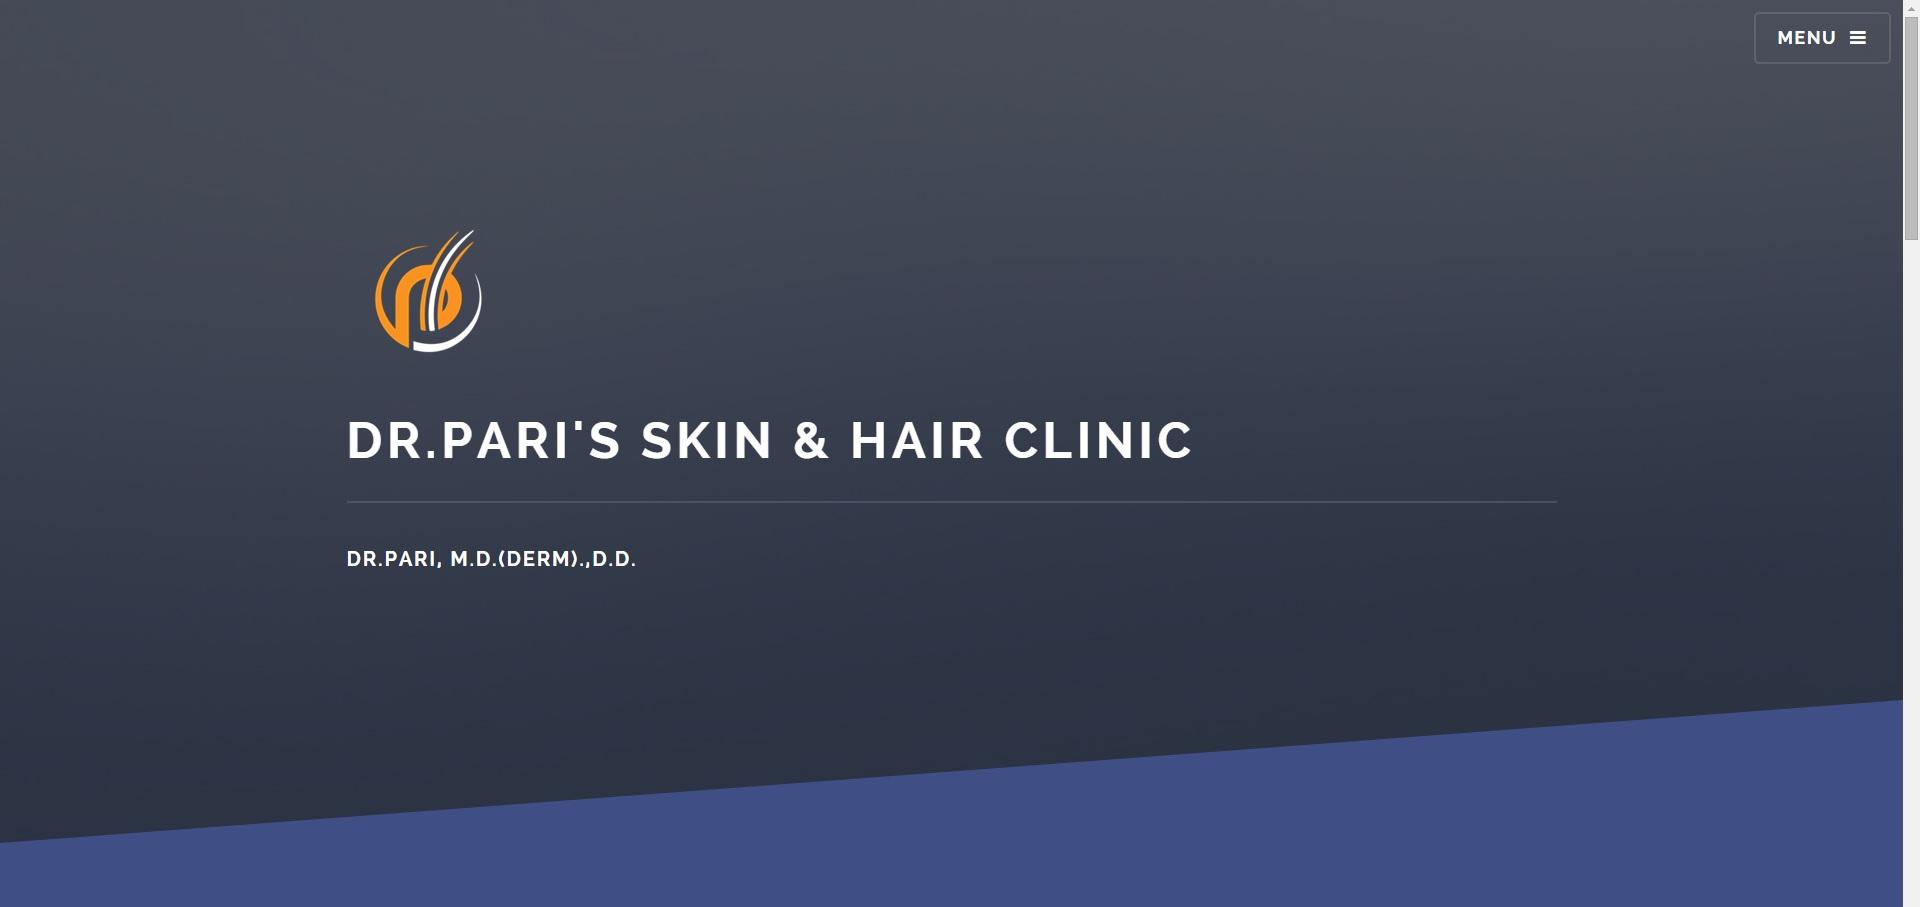 Dermatologist Dr.Pari's Clinic